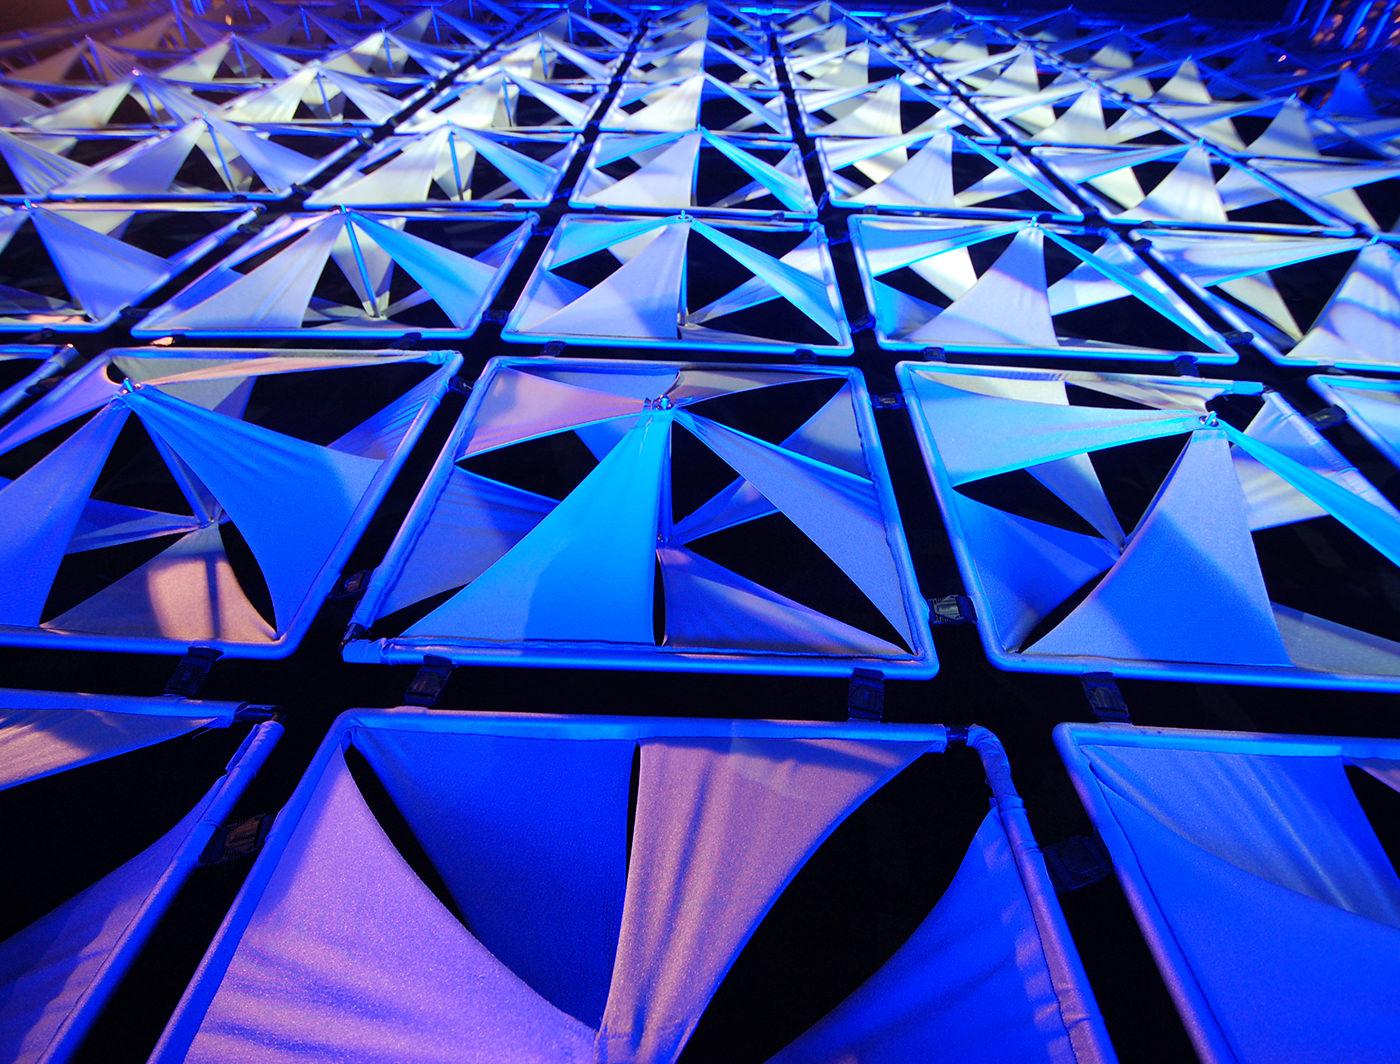 pinwheel rental backdrops rental decor from atomic design